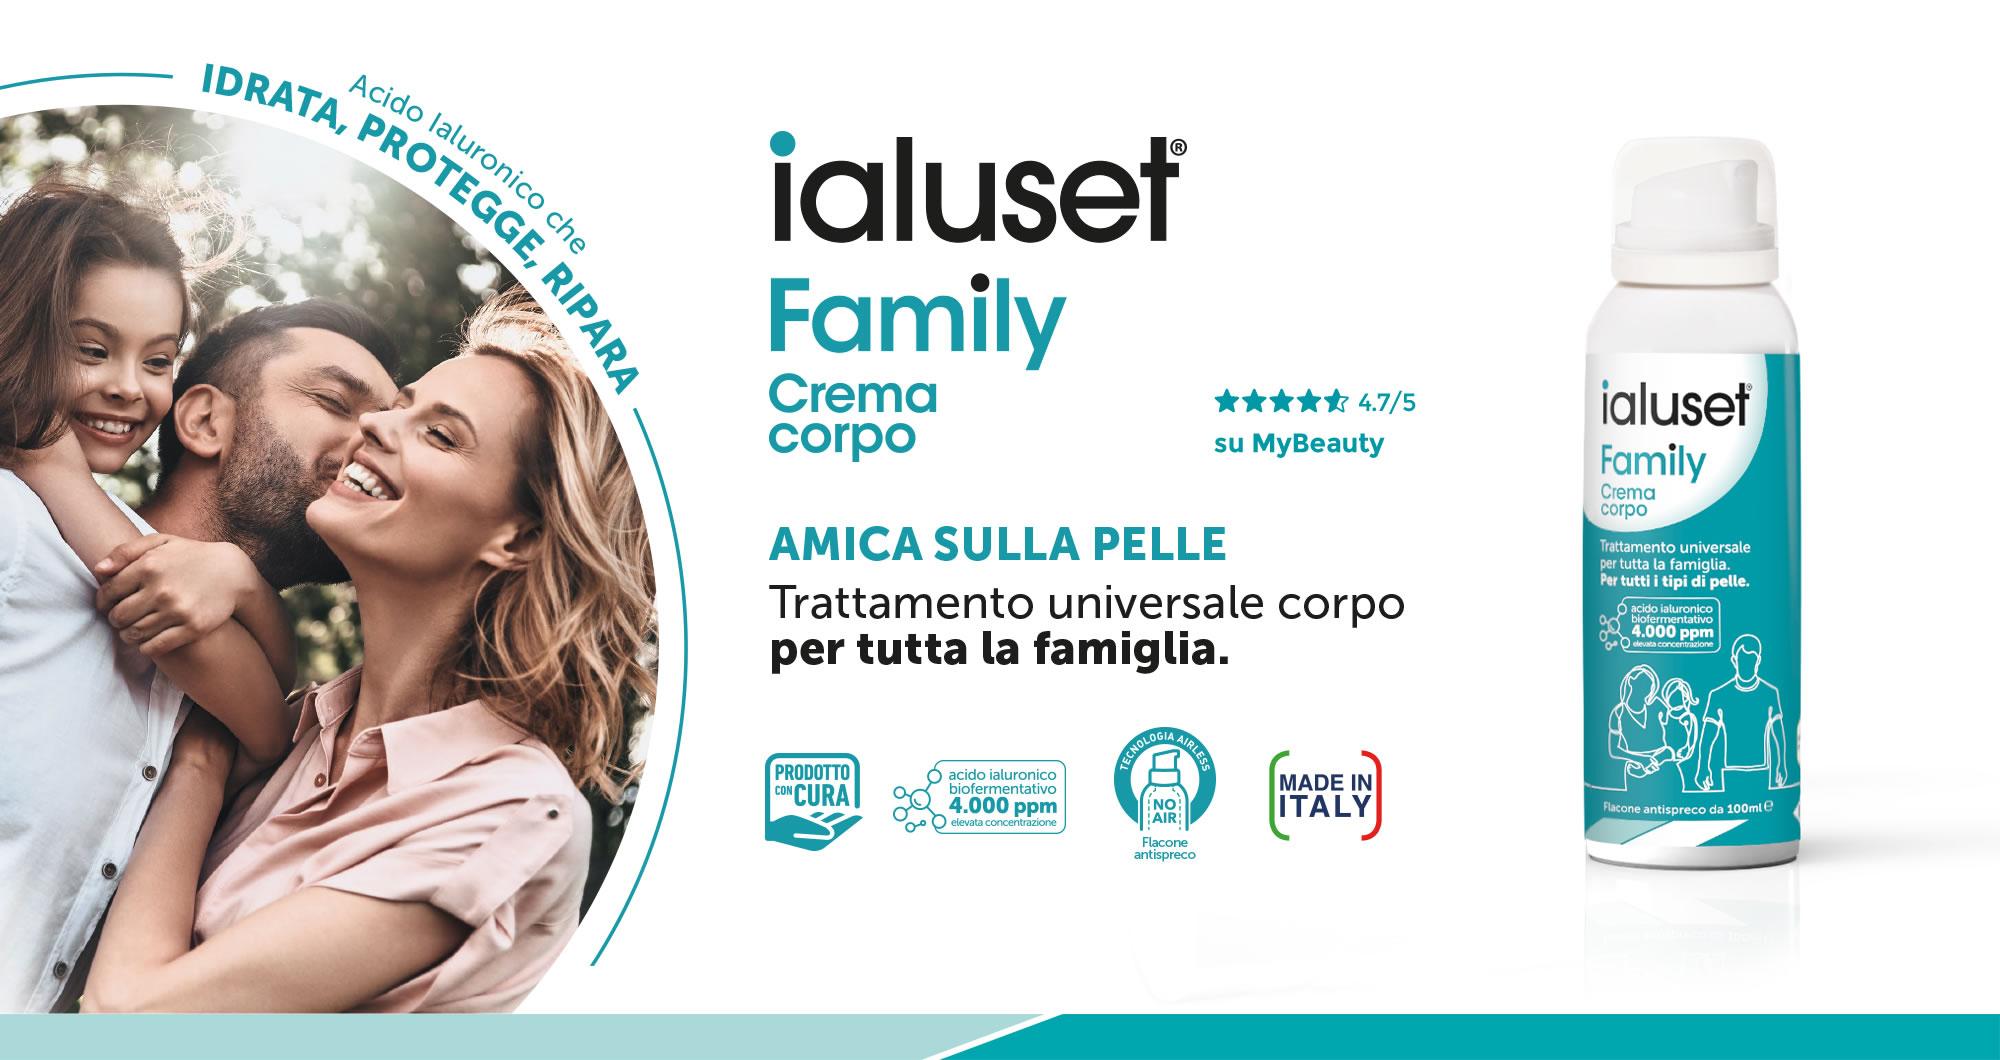 ialuset Family - Amica sulla pelle - Trattamento universale corpo per tutta la famiglia